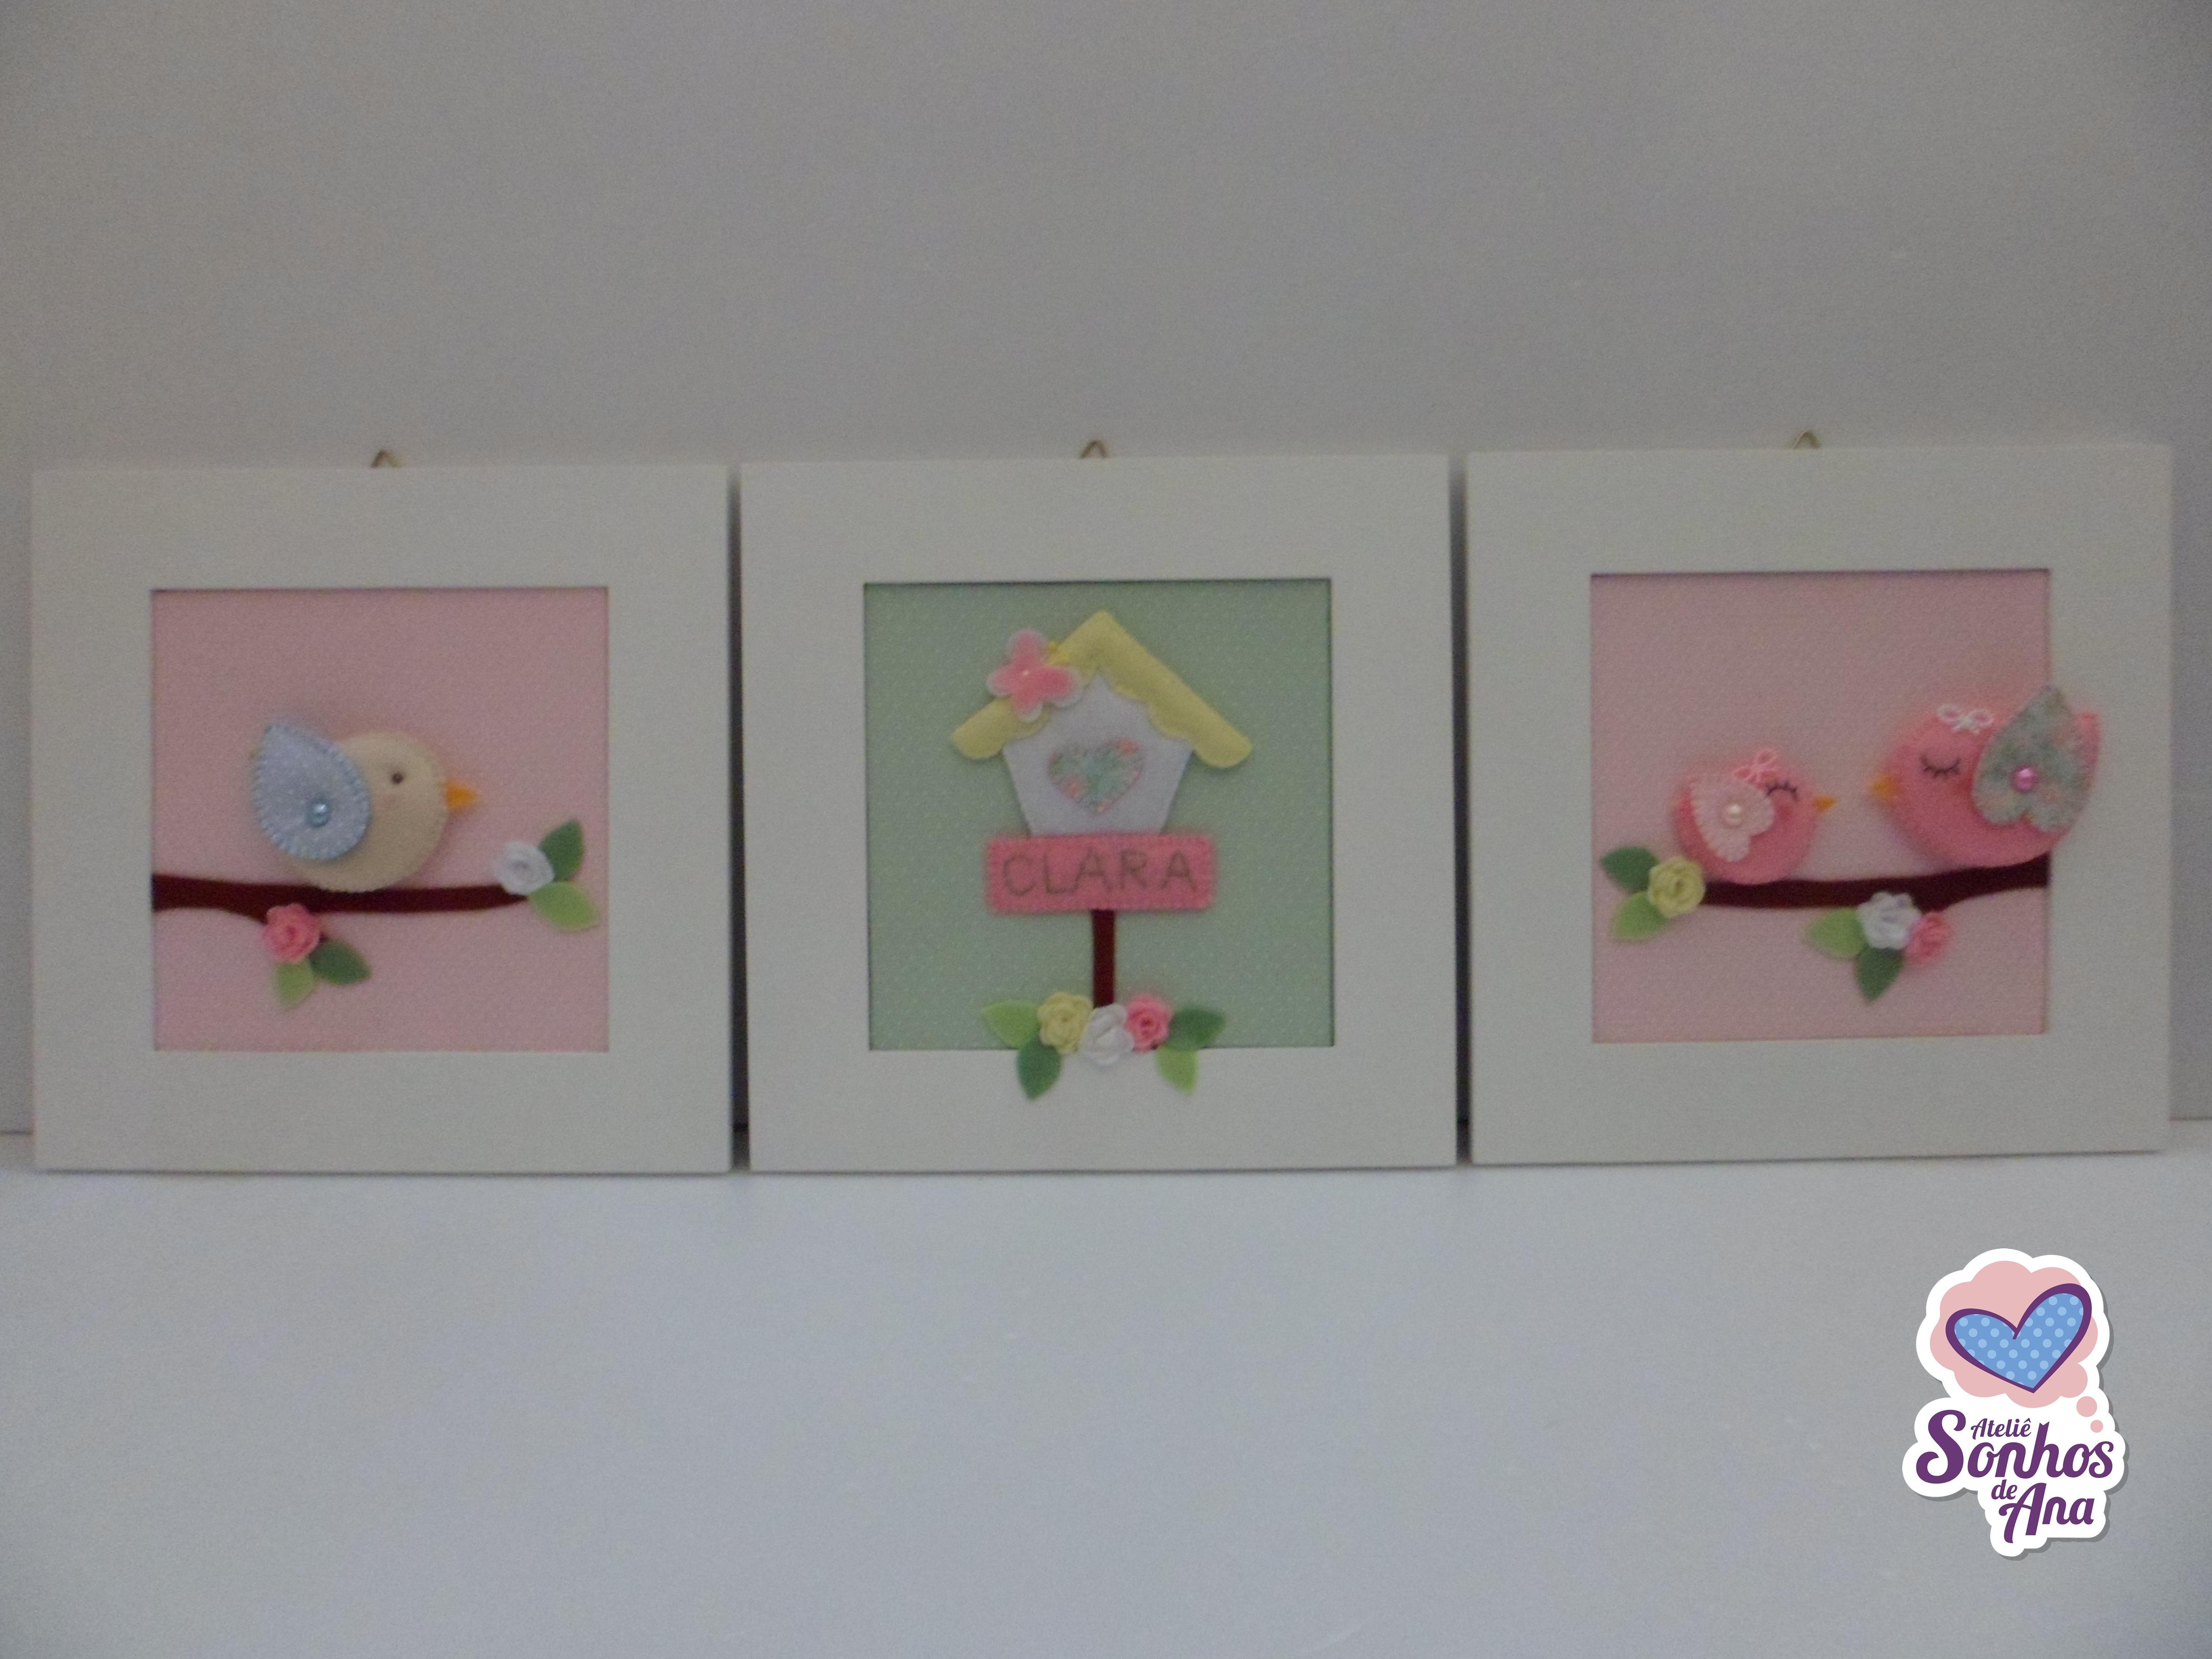 Trio de quadros Passarinhos  Ateliê Sonhos de Ana  Elo7